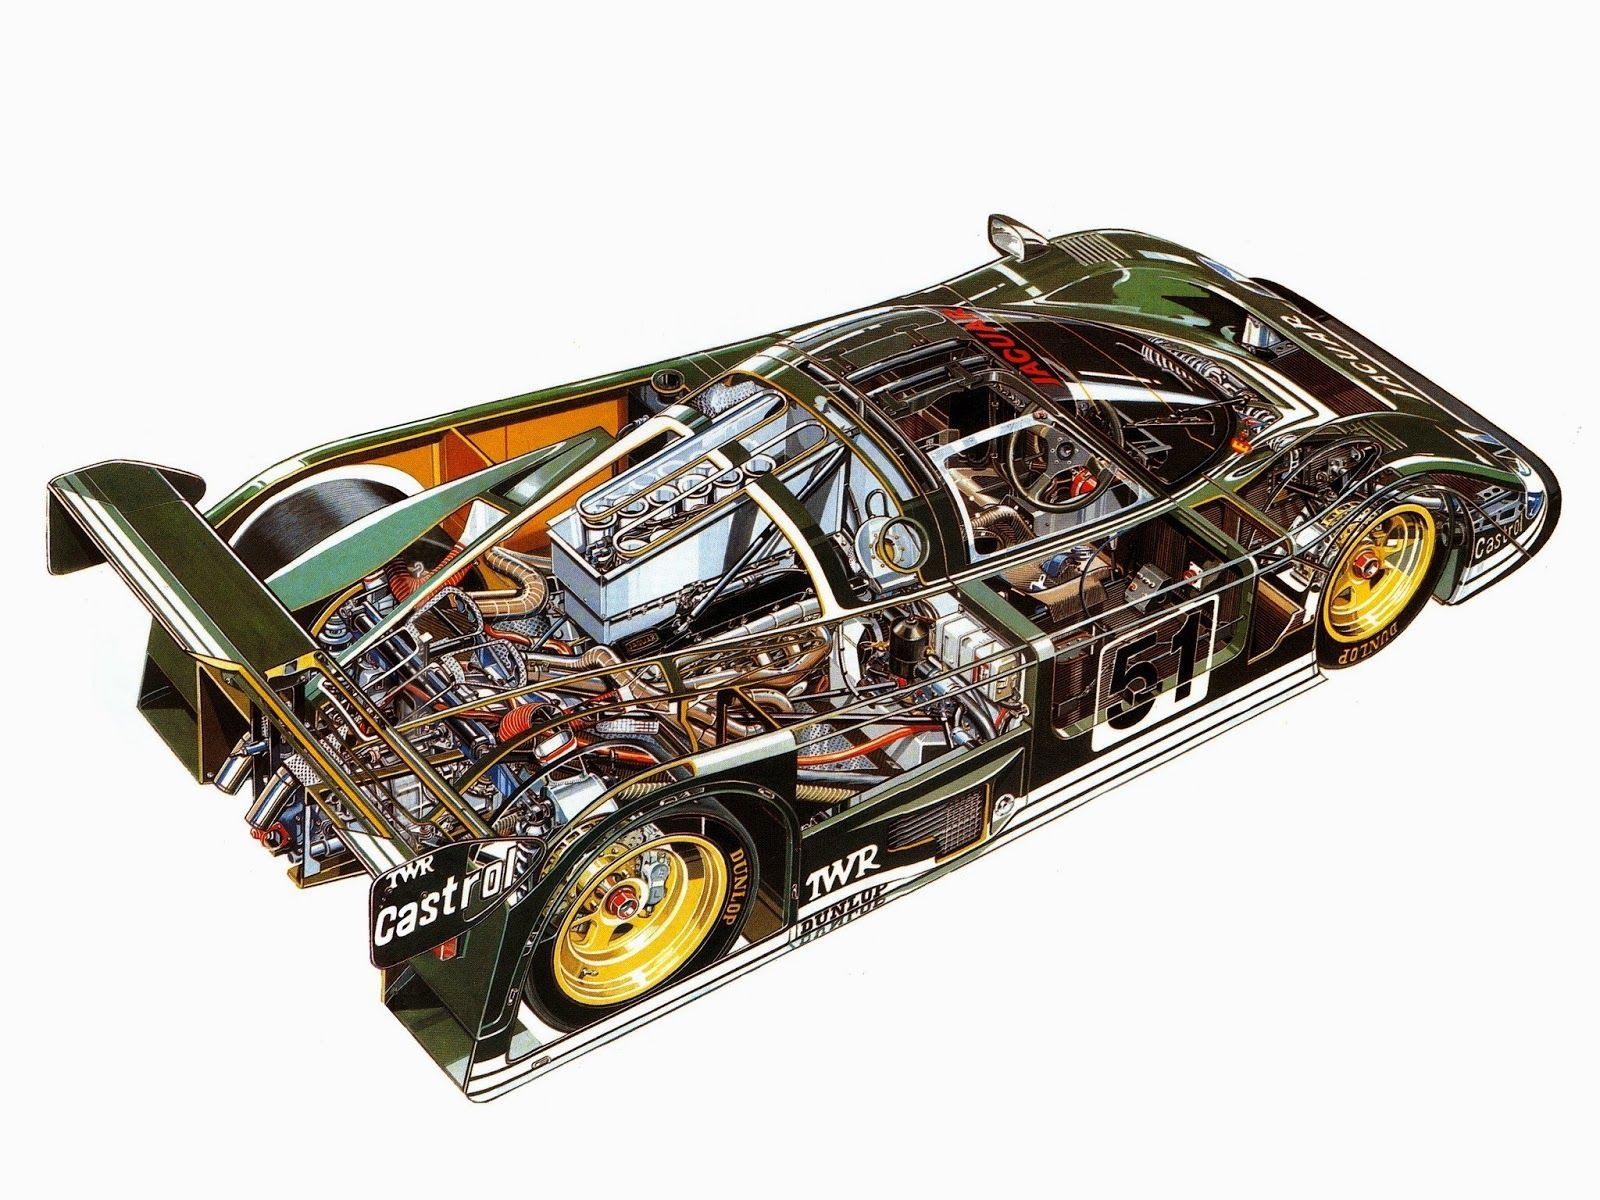 Jaguar XJR6 cutaway drawing